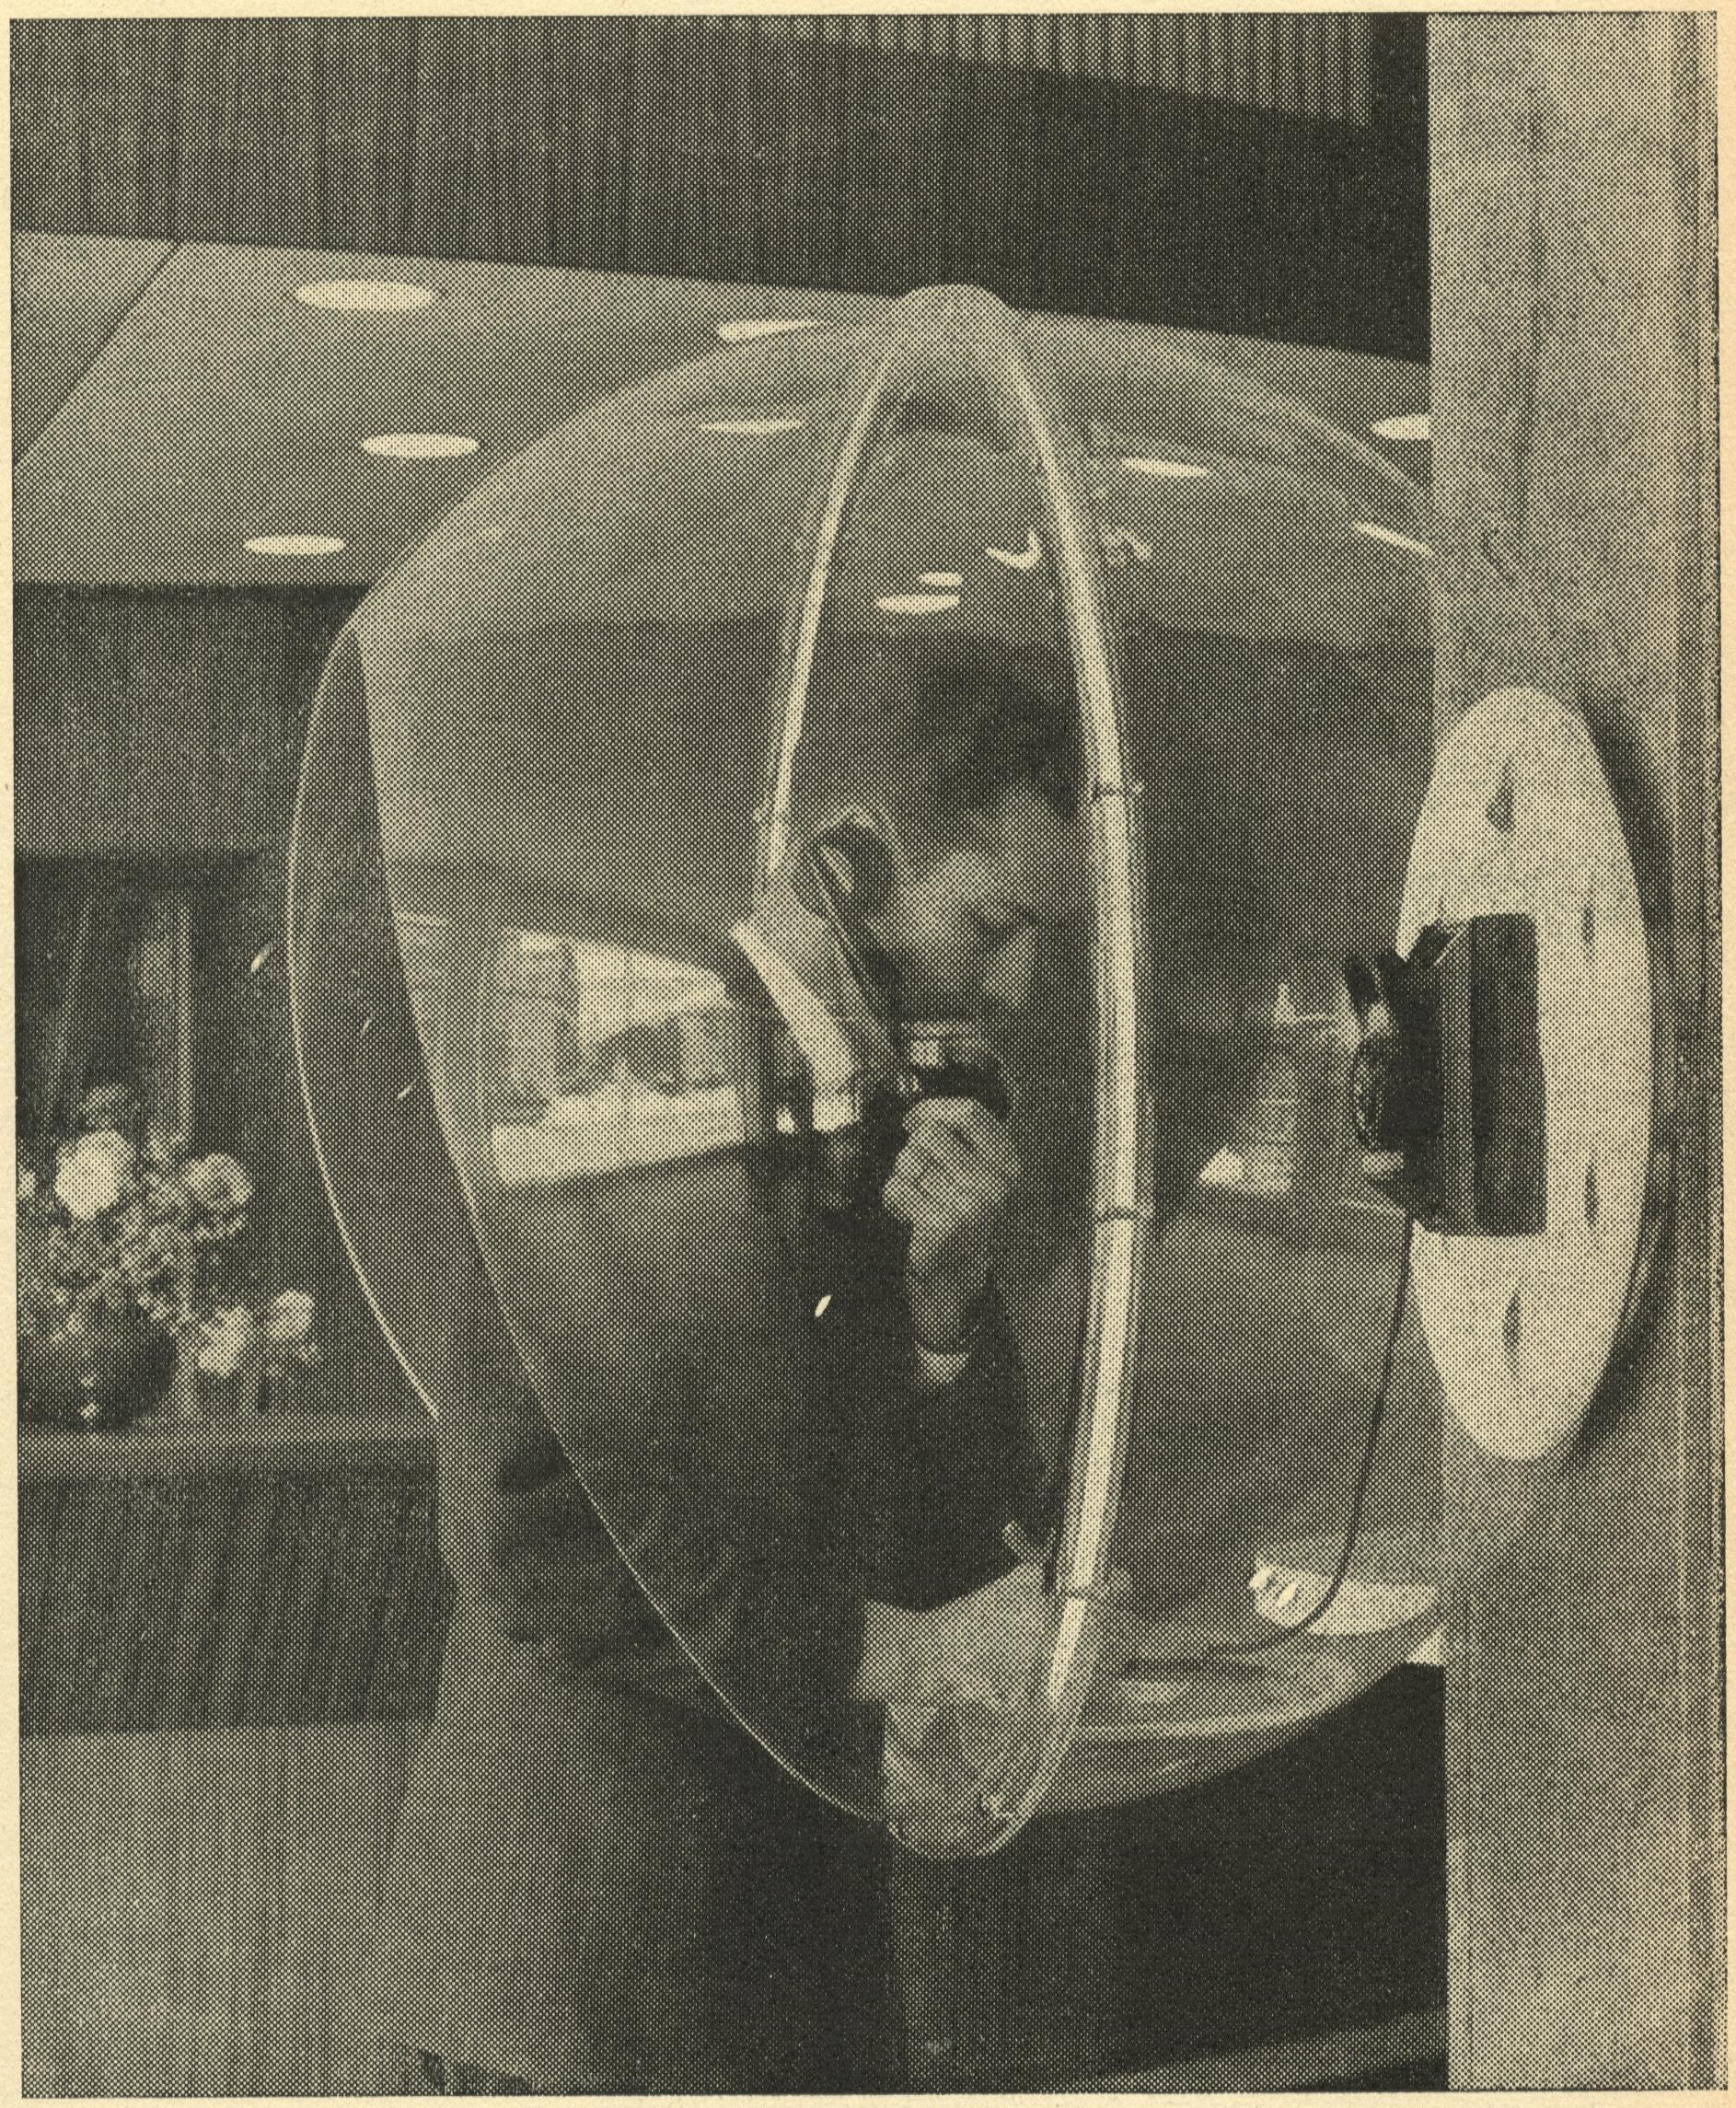 Samtalsskydd, gemenligen kallad Sputnik.